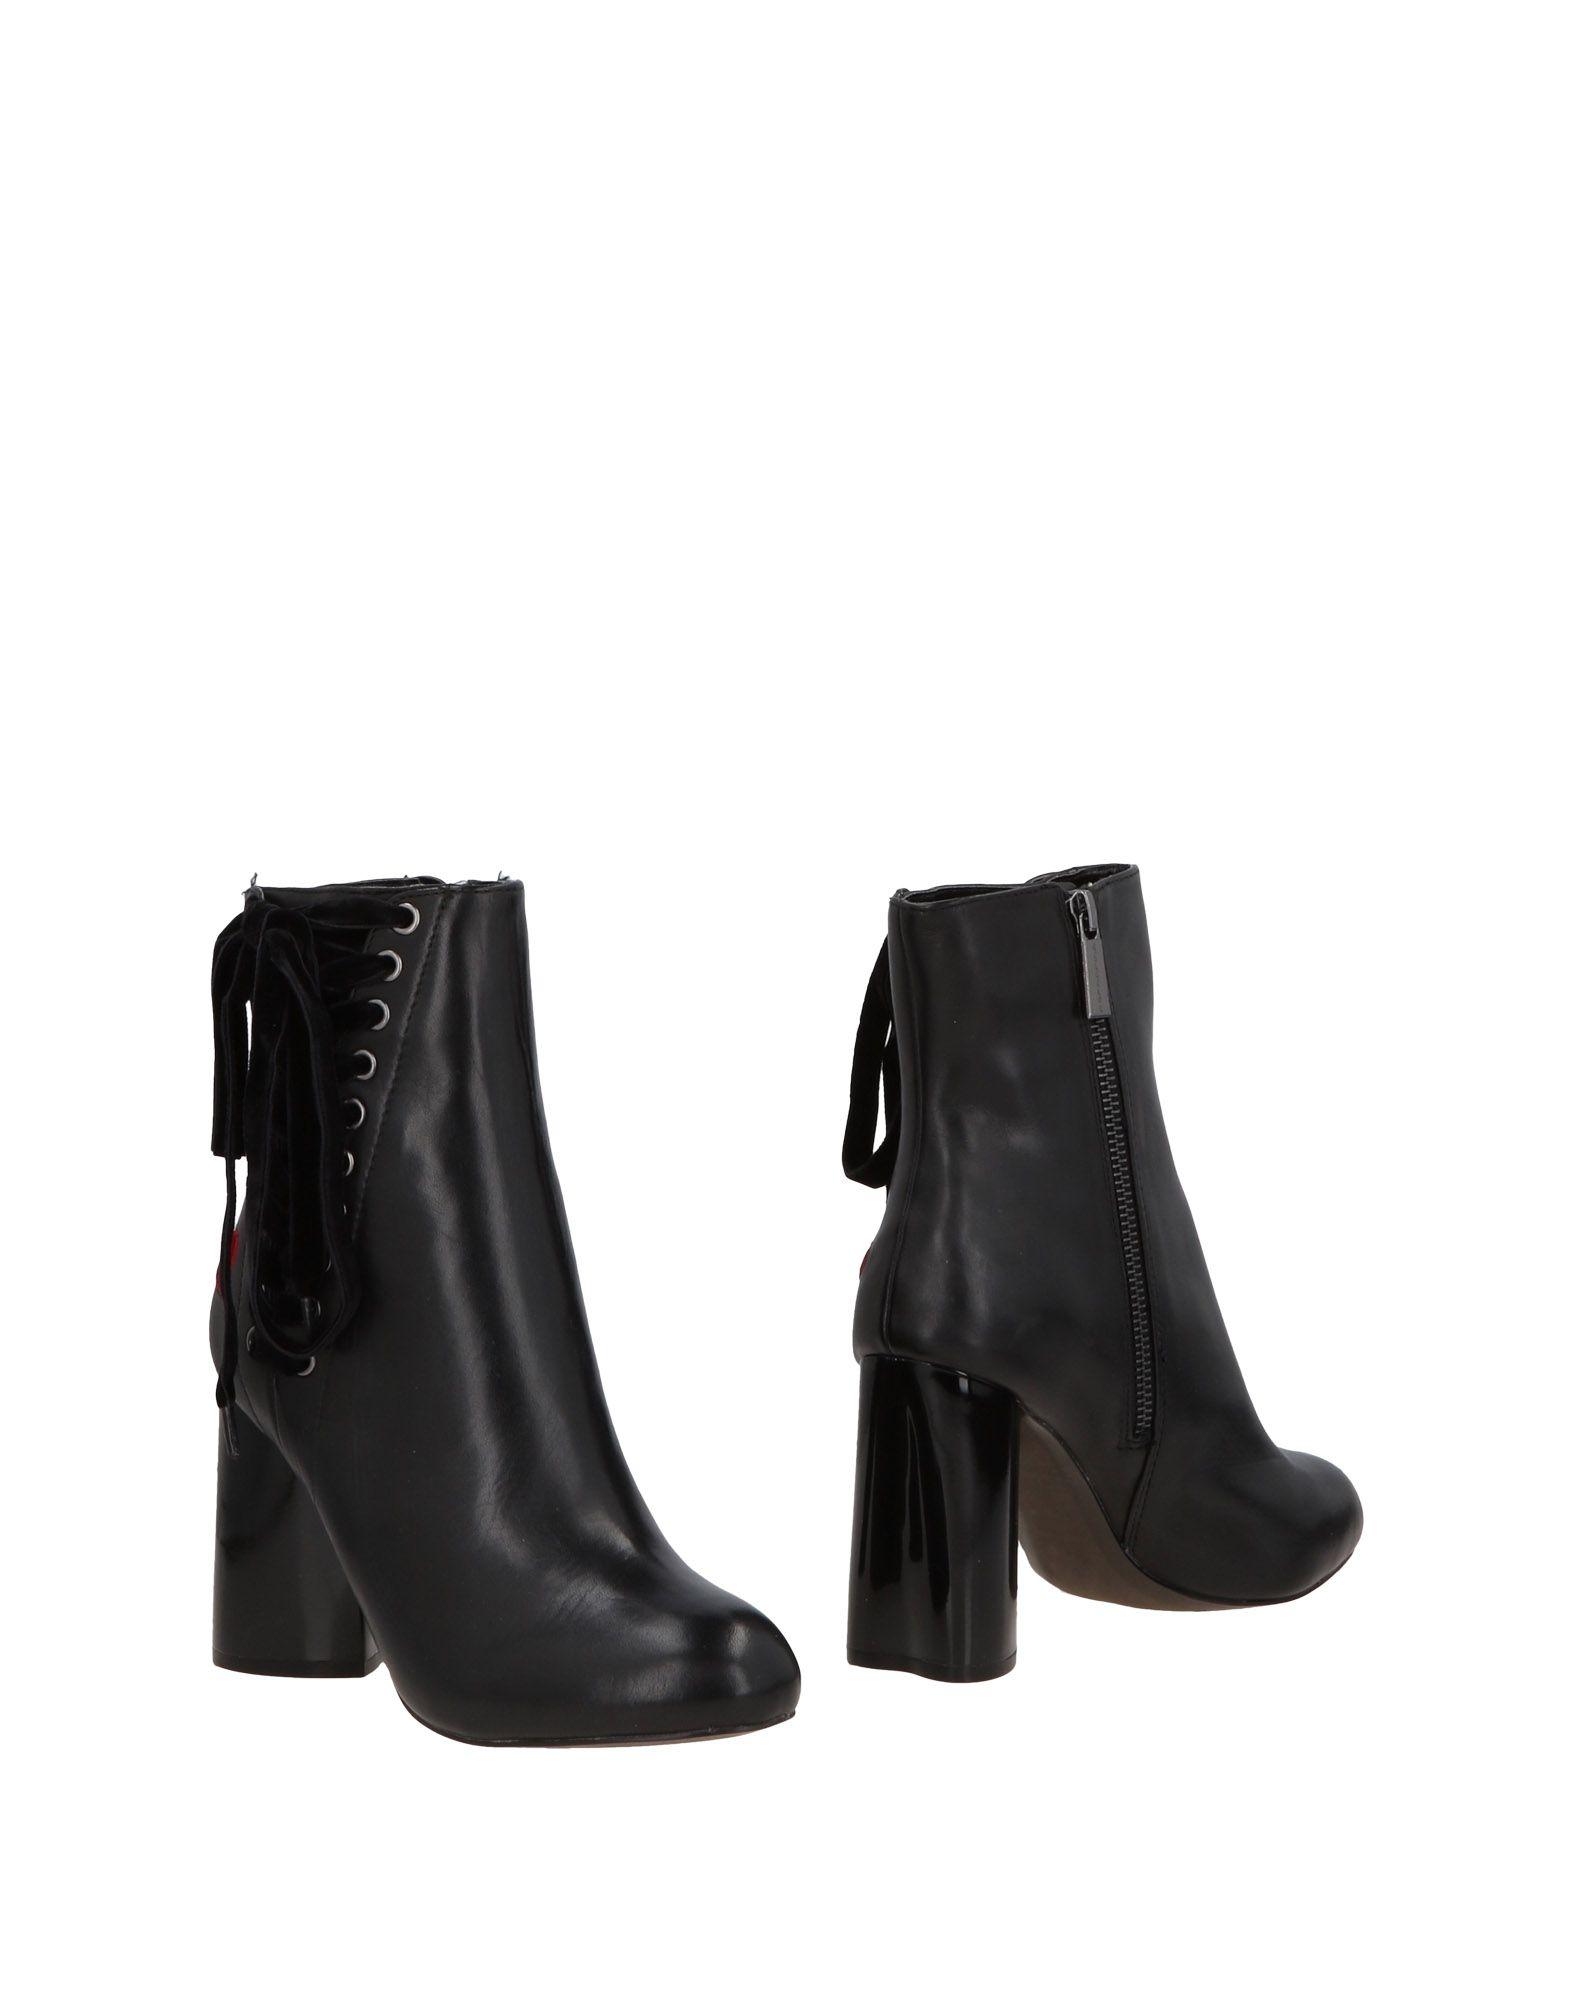 Fornarina Stiefelette Damen  11476785JM Gute Qualität beliebte Schuhe